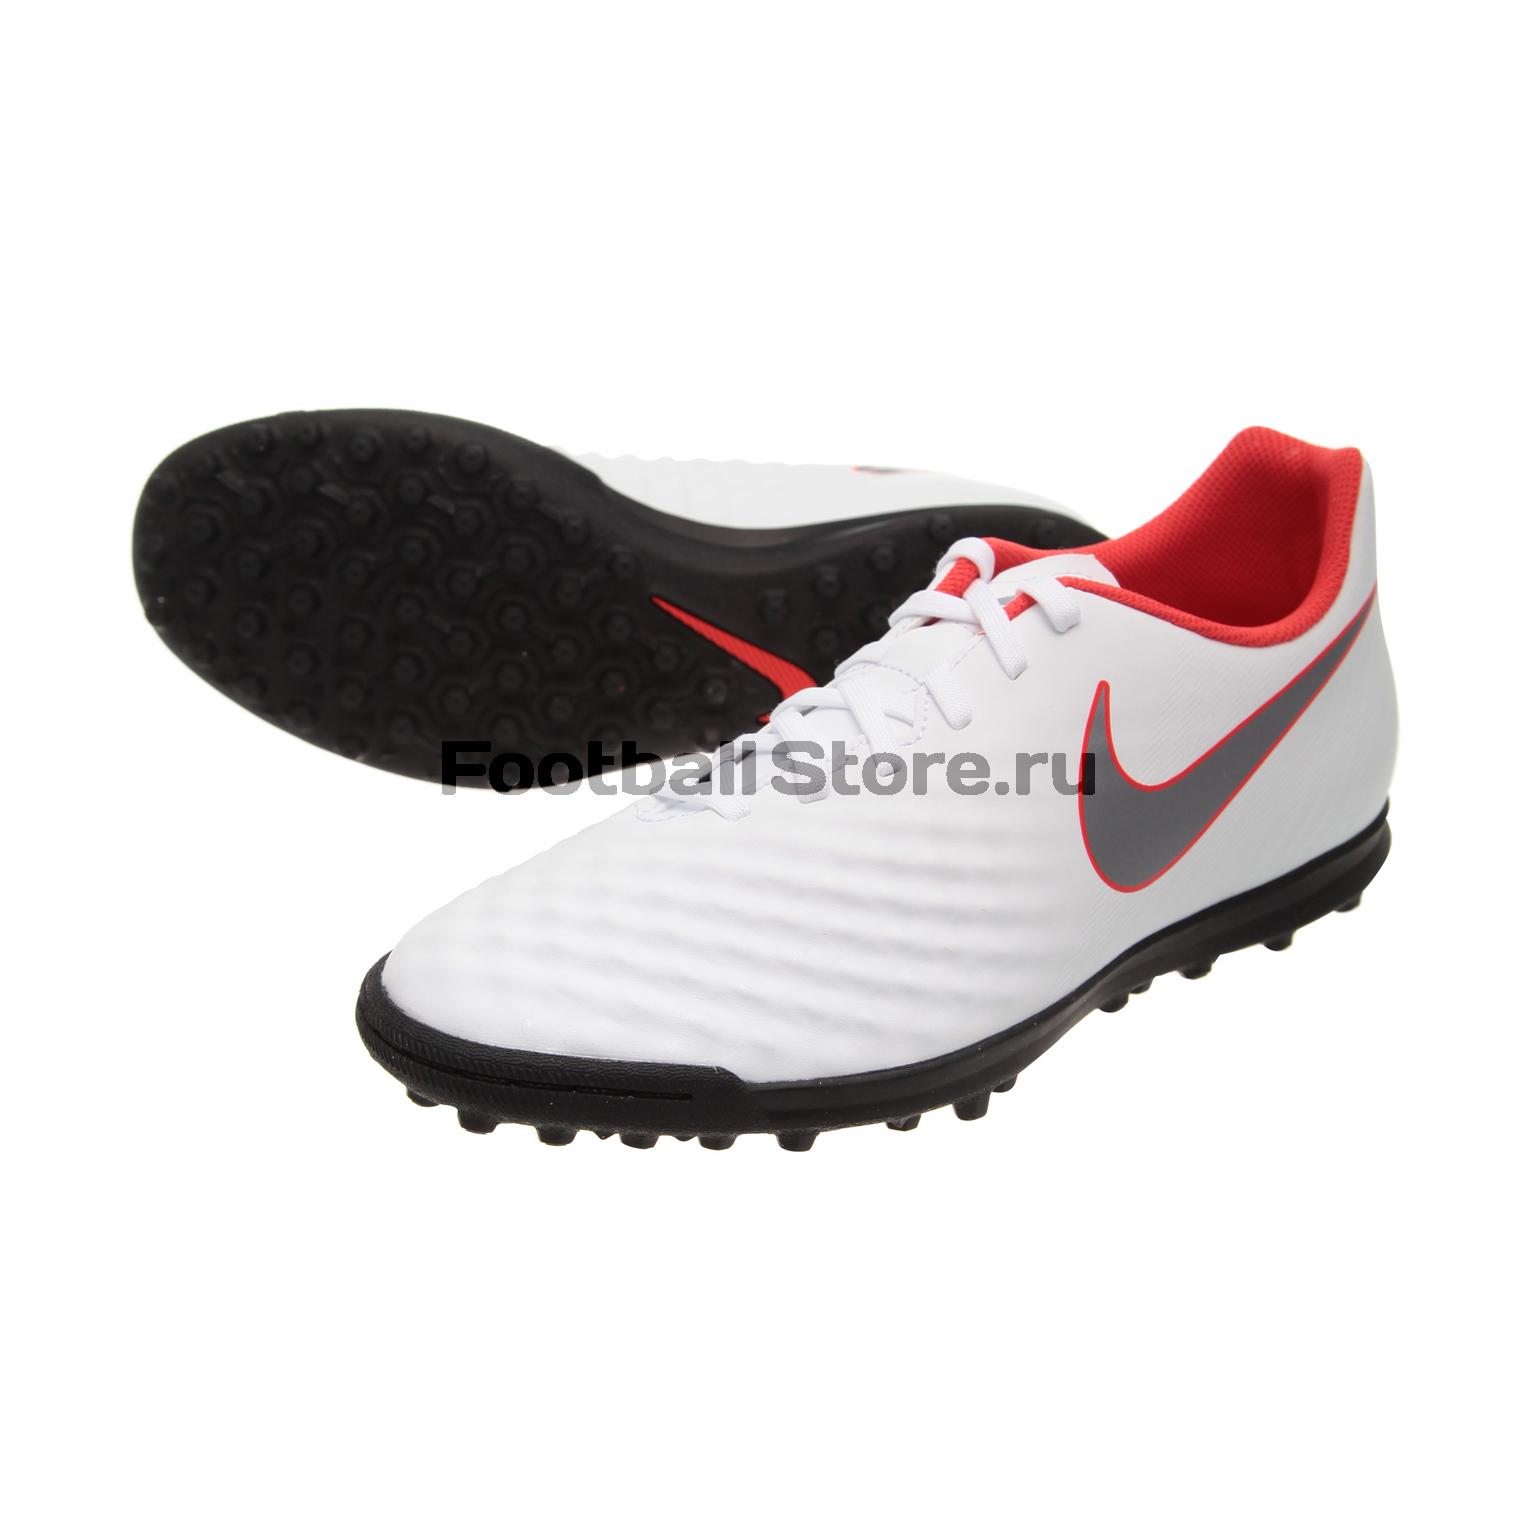 Шиповки Nike ObraX 2 Club TF AH7312-107 шиповки nike lunar legendx 7 pro tf ah7249 080